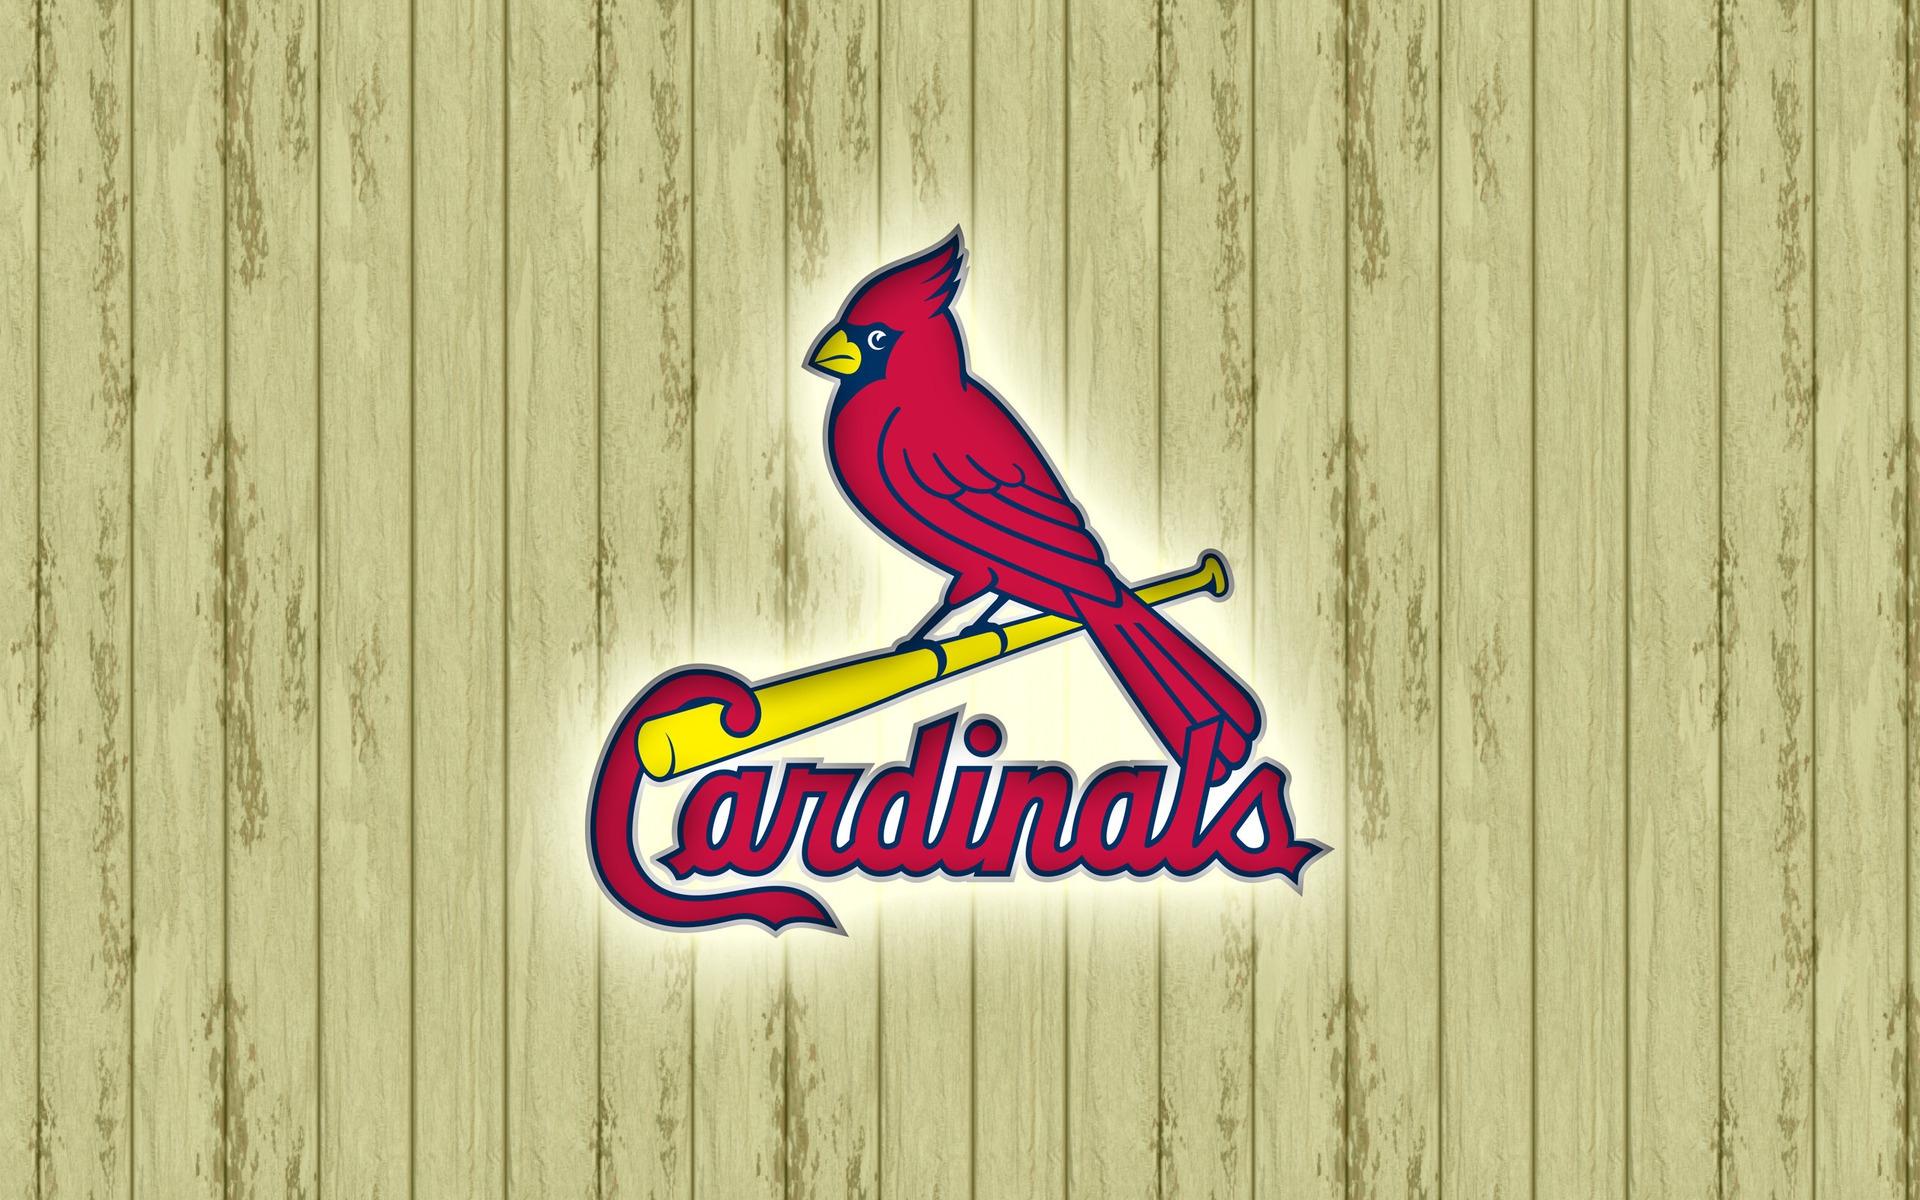 st louis cardinals wallpaper 5178